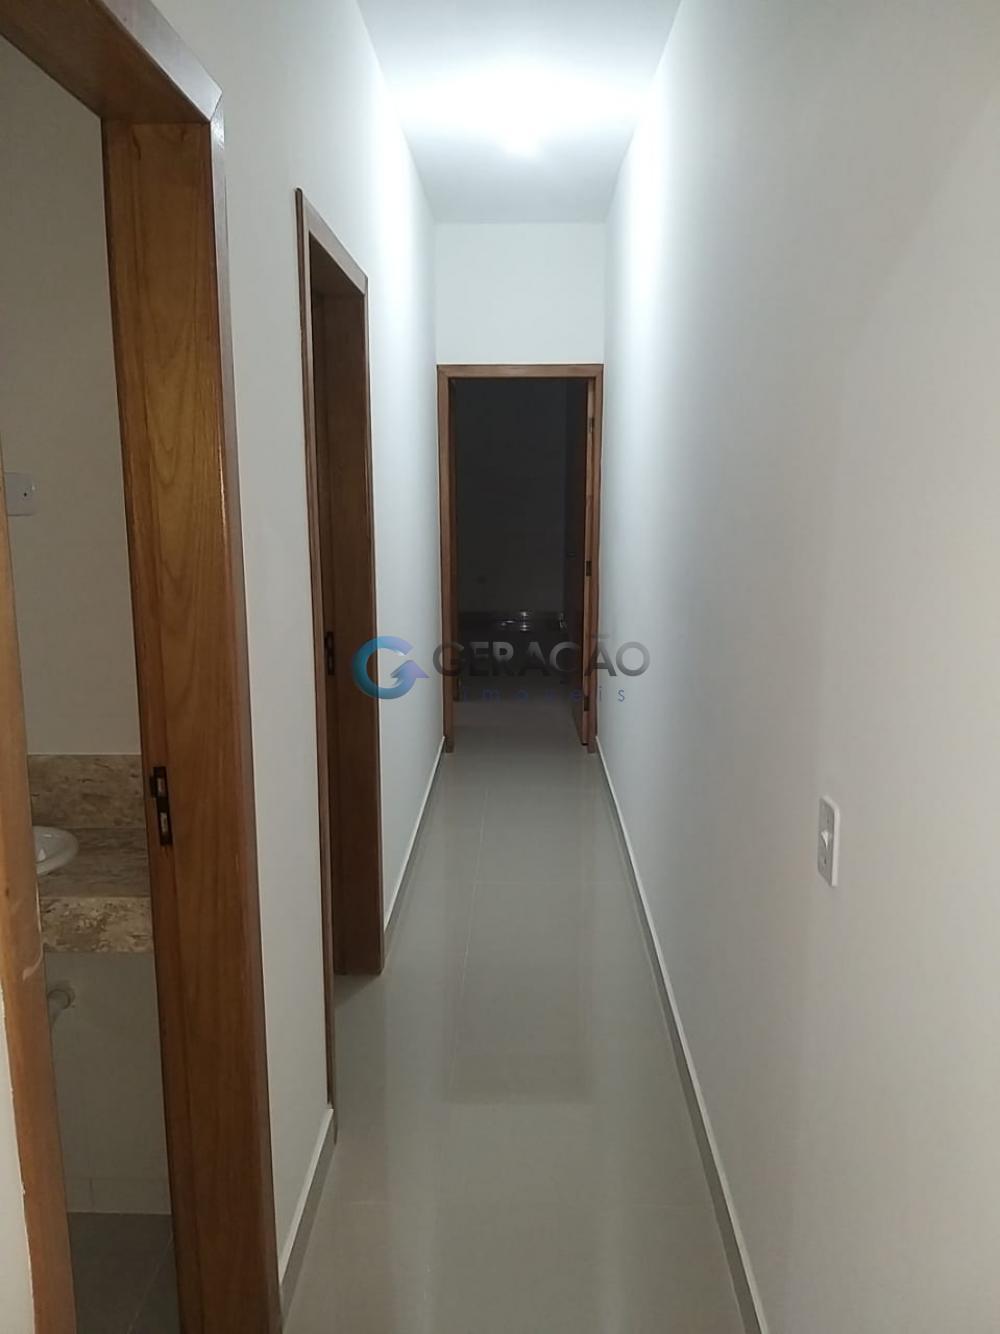 Comprar Casa / Padrão em São José dos Campos R$ 470.000,00 - Foto 7